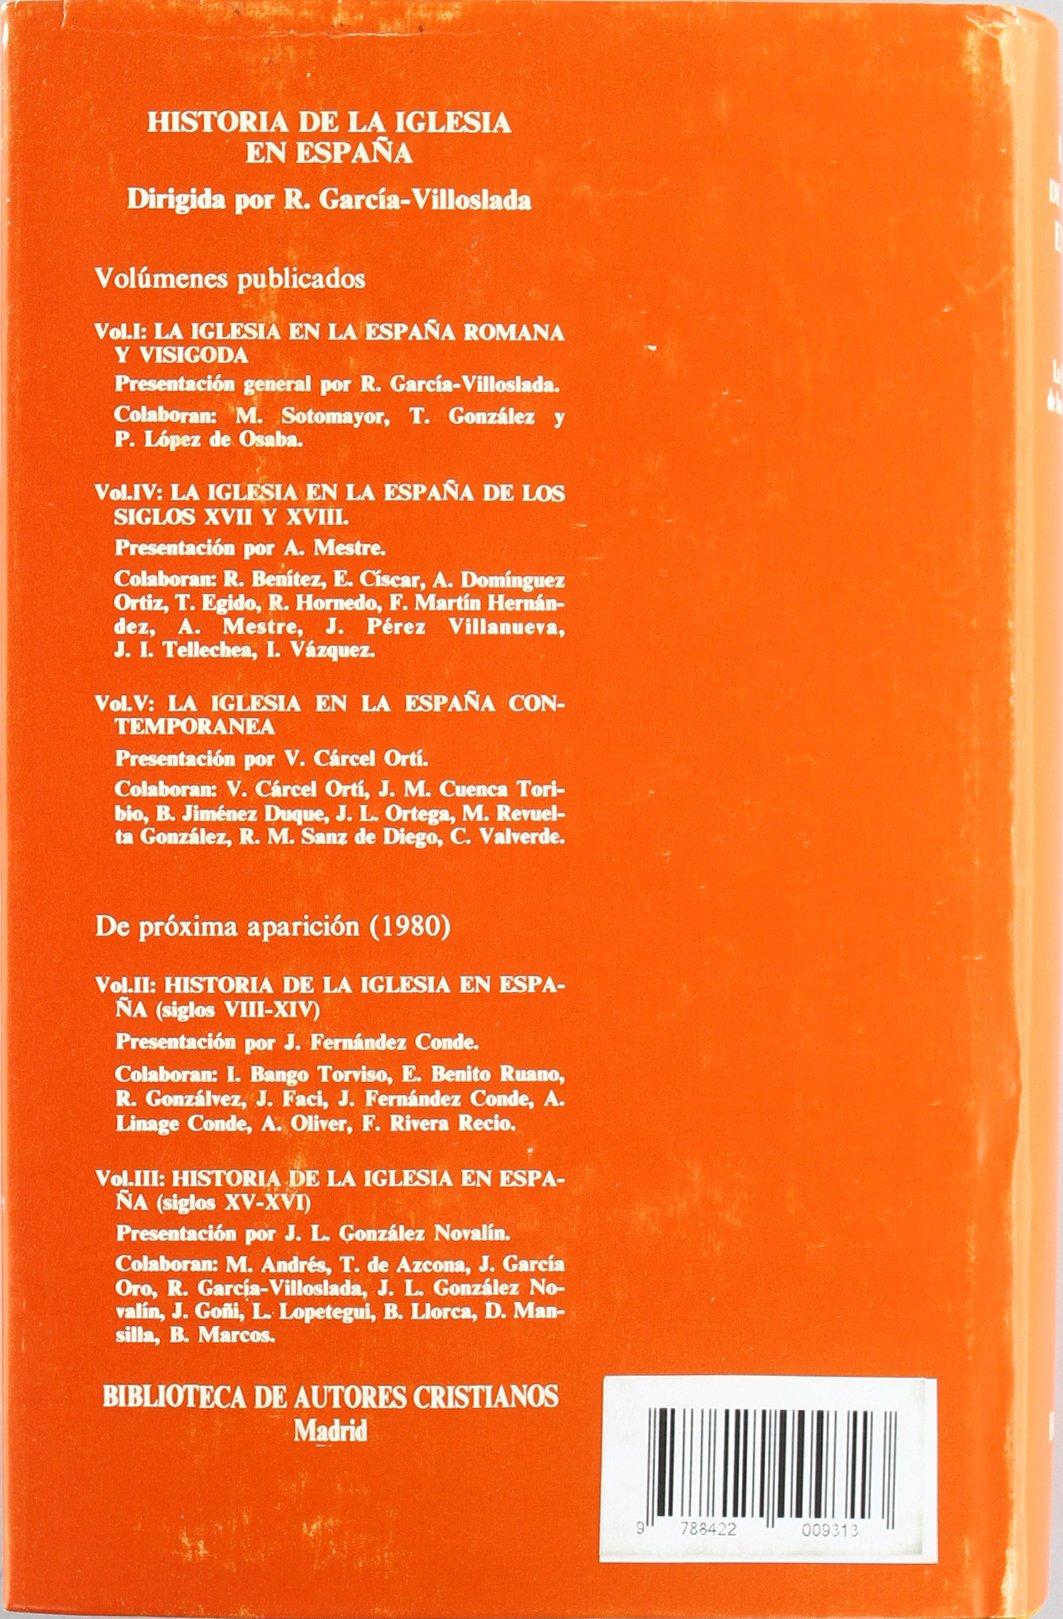 Historia de la Iglesia en España. IV: La Iglesia en la España de los siglos XVII-XVIII: 4 MAIOR: Amazon.es: García-Villoslada, Ricardo, Mestre Sanchís, Antonio: Libros